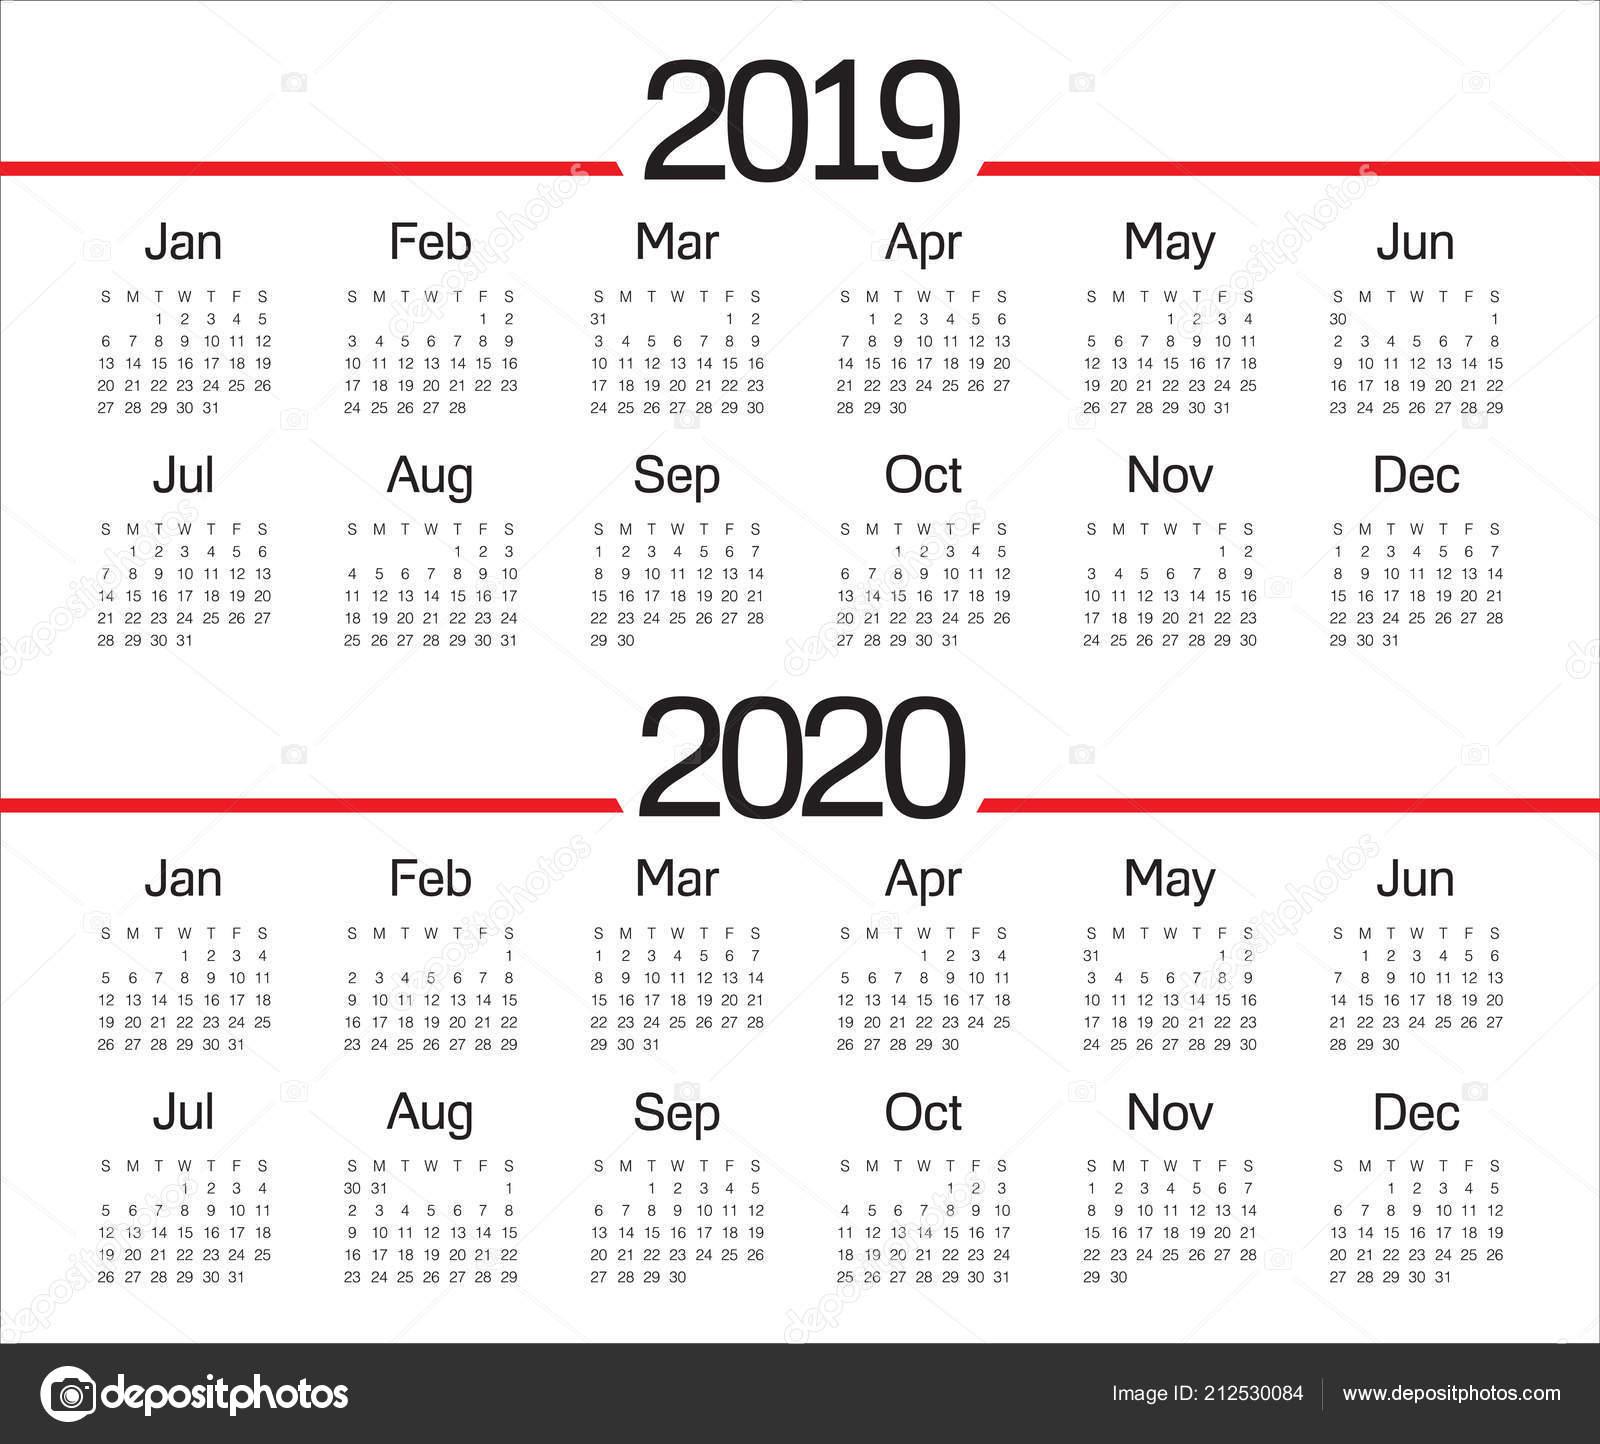 Calendario 2019 2020.Year 2019 2020 Calendar Vector Design Template Simple Clean Design